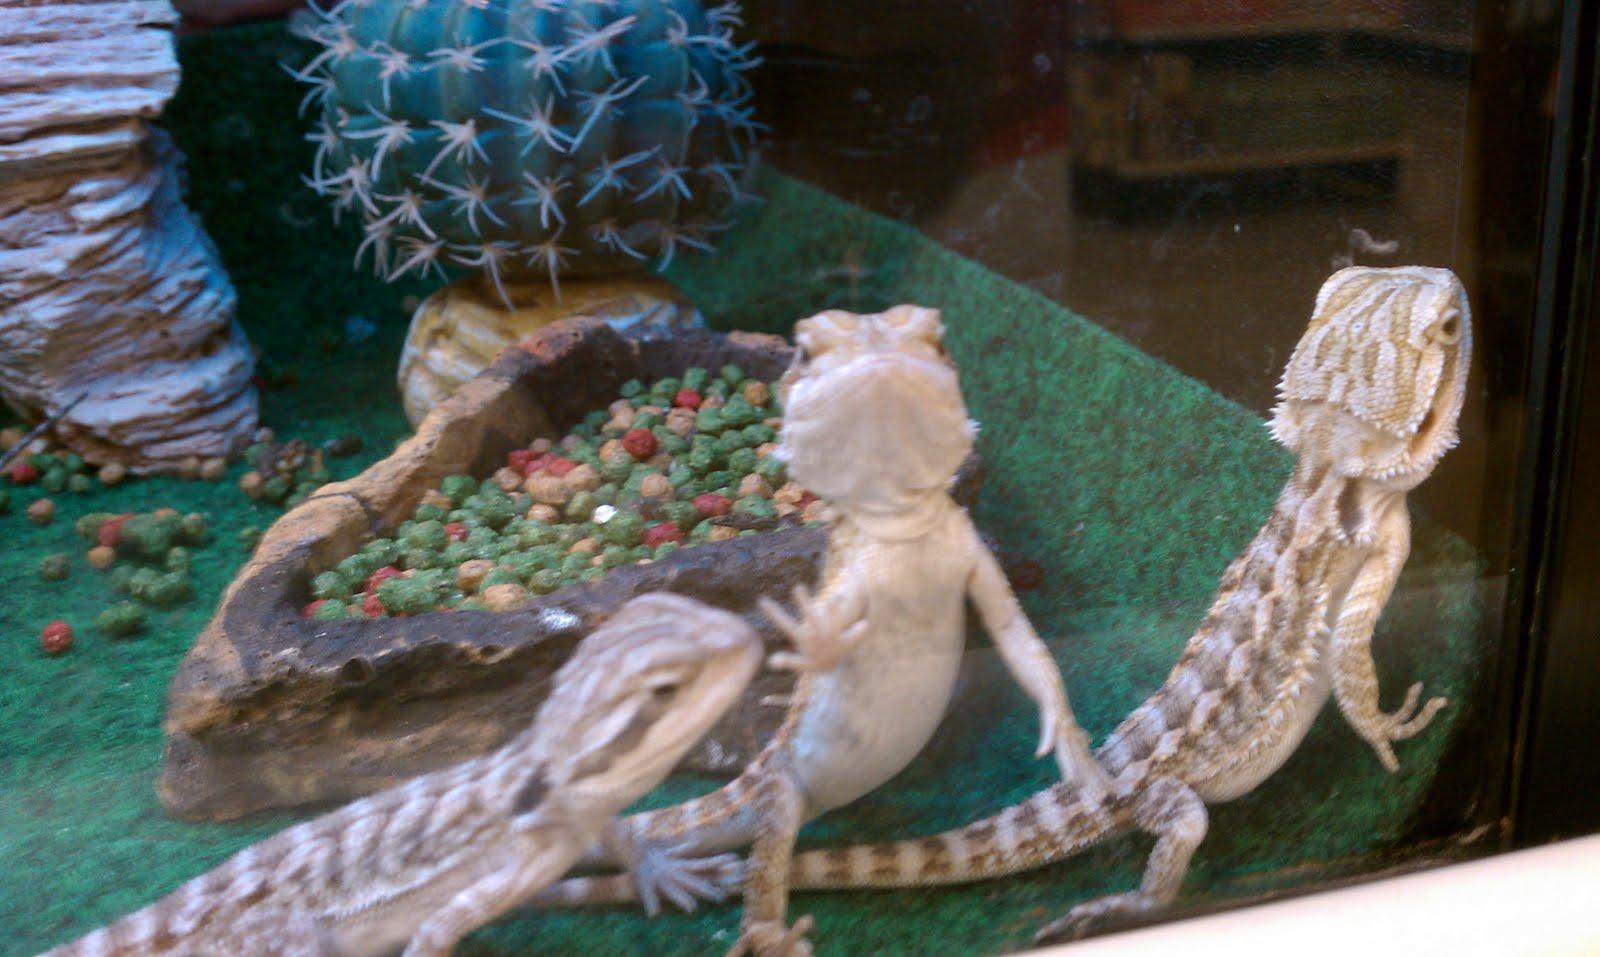 Reptile Starter Kits Bearded Dragon amp Turtle Habitat Kits